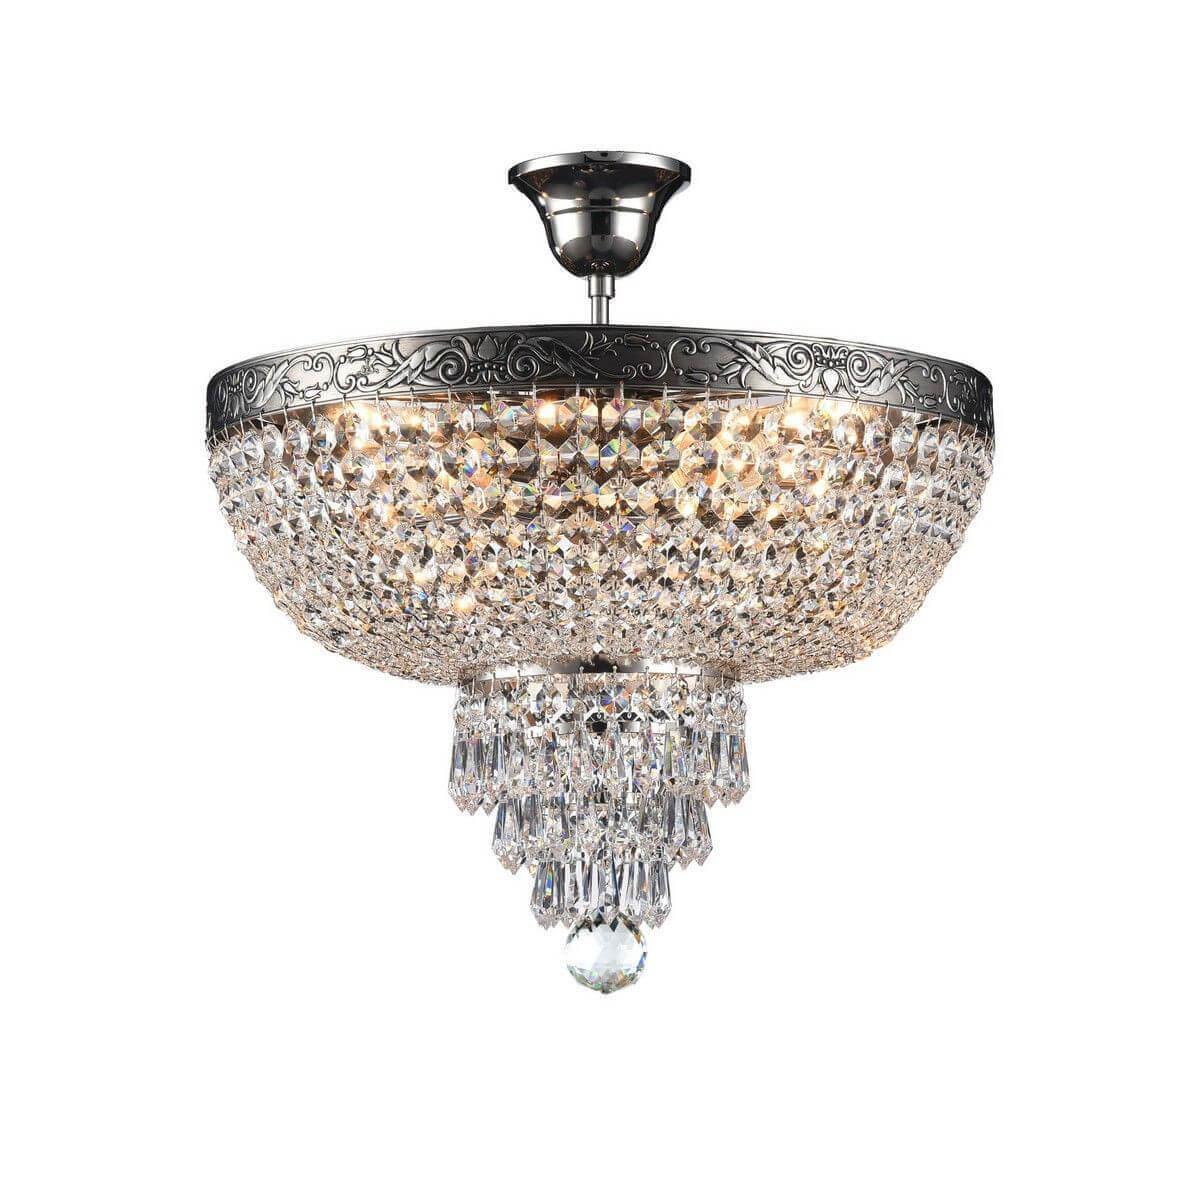 Потолочный светильник Maytoni Palace DIA890-CL-05-N